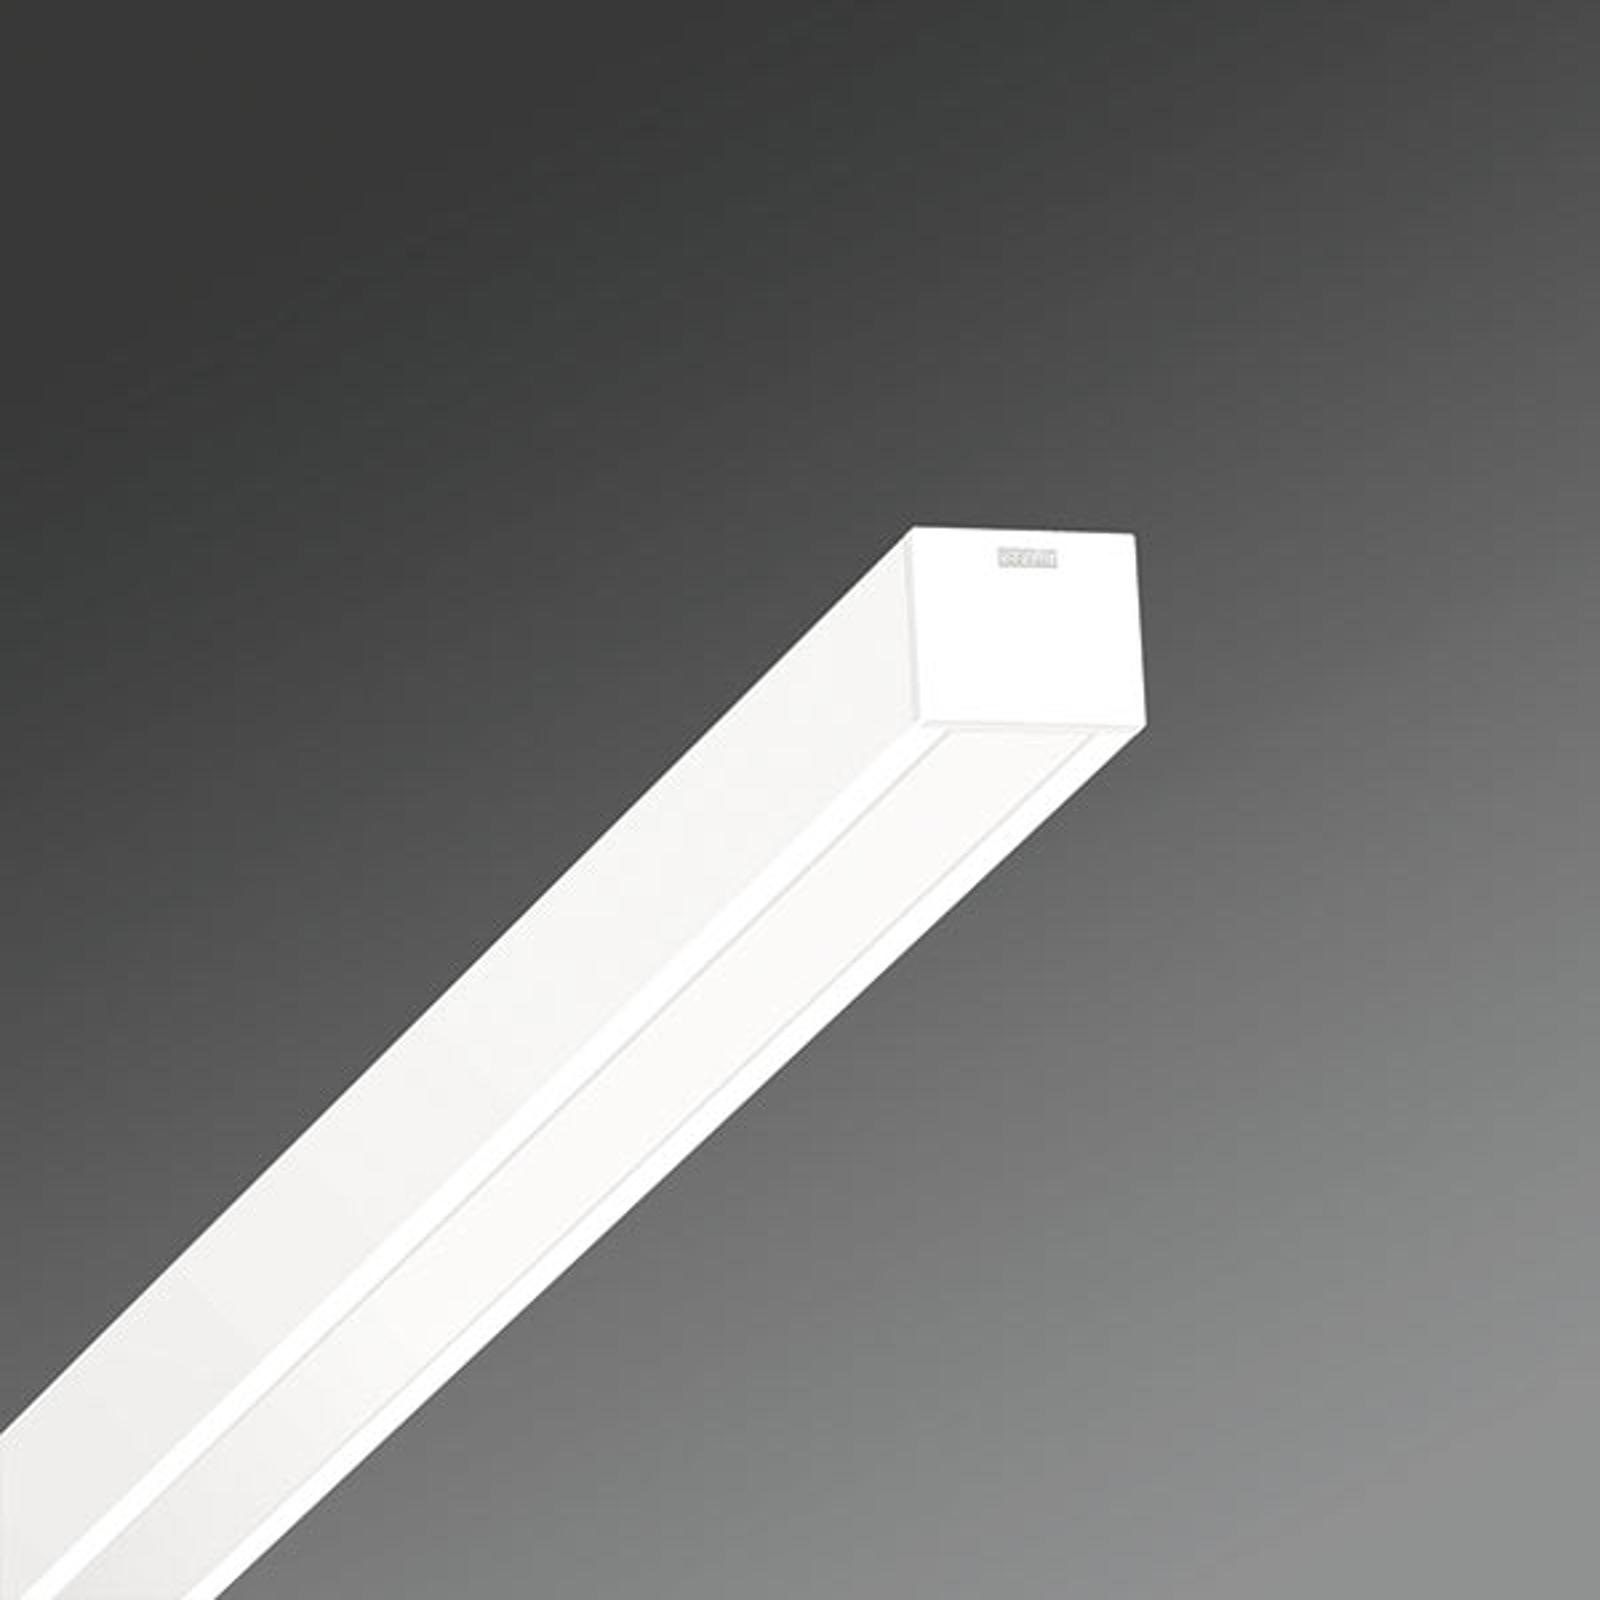 Lichtkanaal-plafondlamp Hokal-HLAG/1200 LED 23W